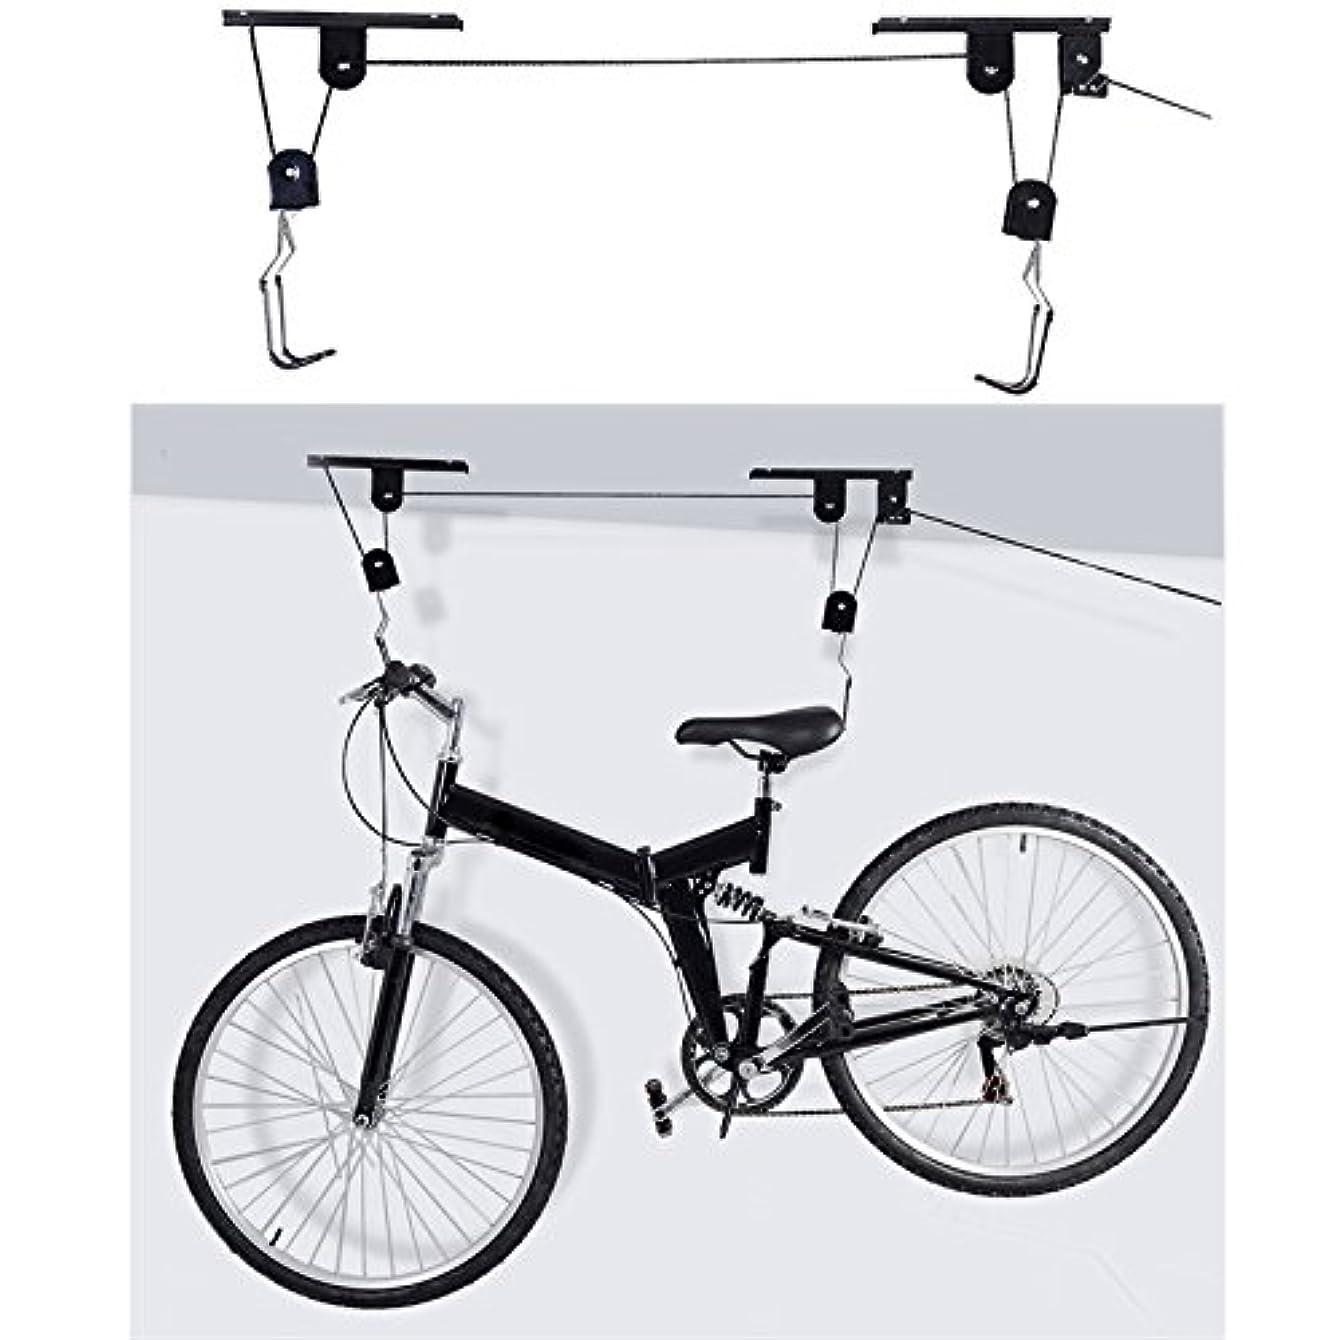 かかわらずゲート全くnacola 45ポンド重量容量天井マウントバイク自転車リフトホイストガレージストレージハンガープーリラックリフトアセンブリフックプーリ